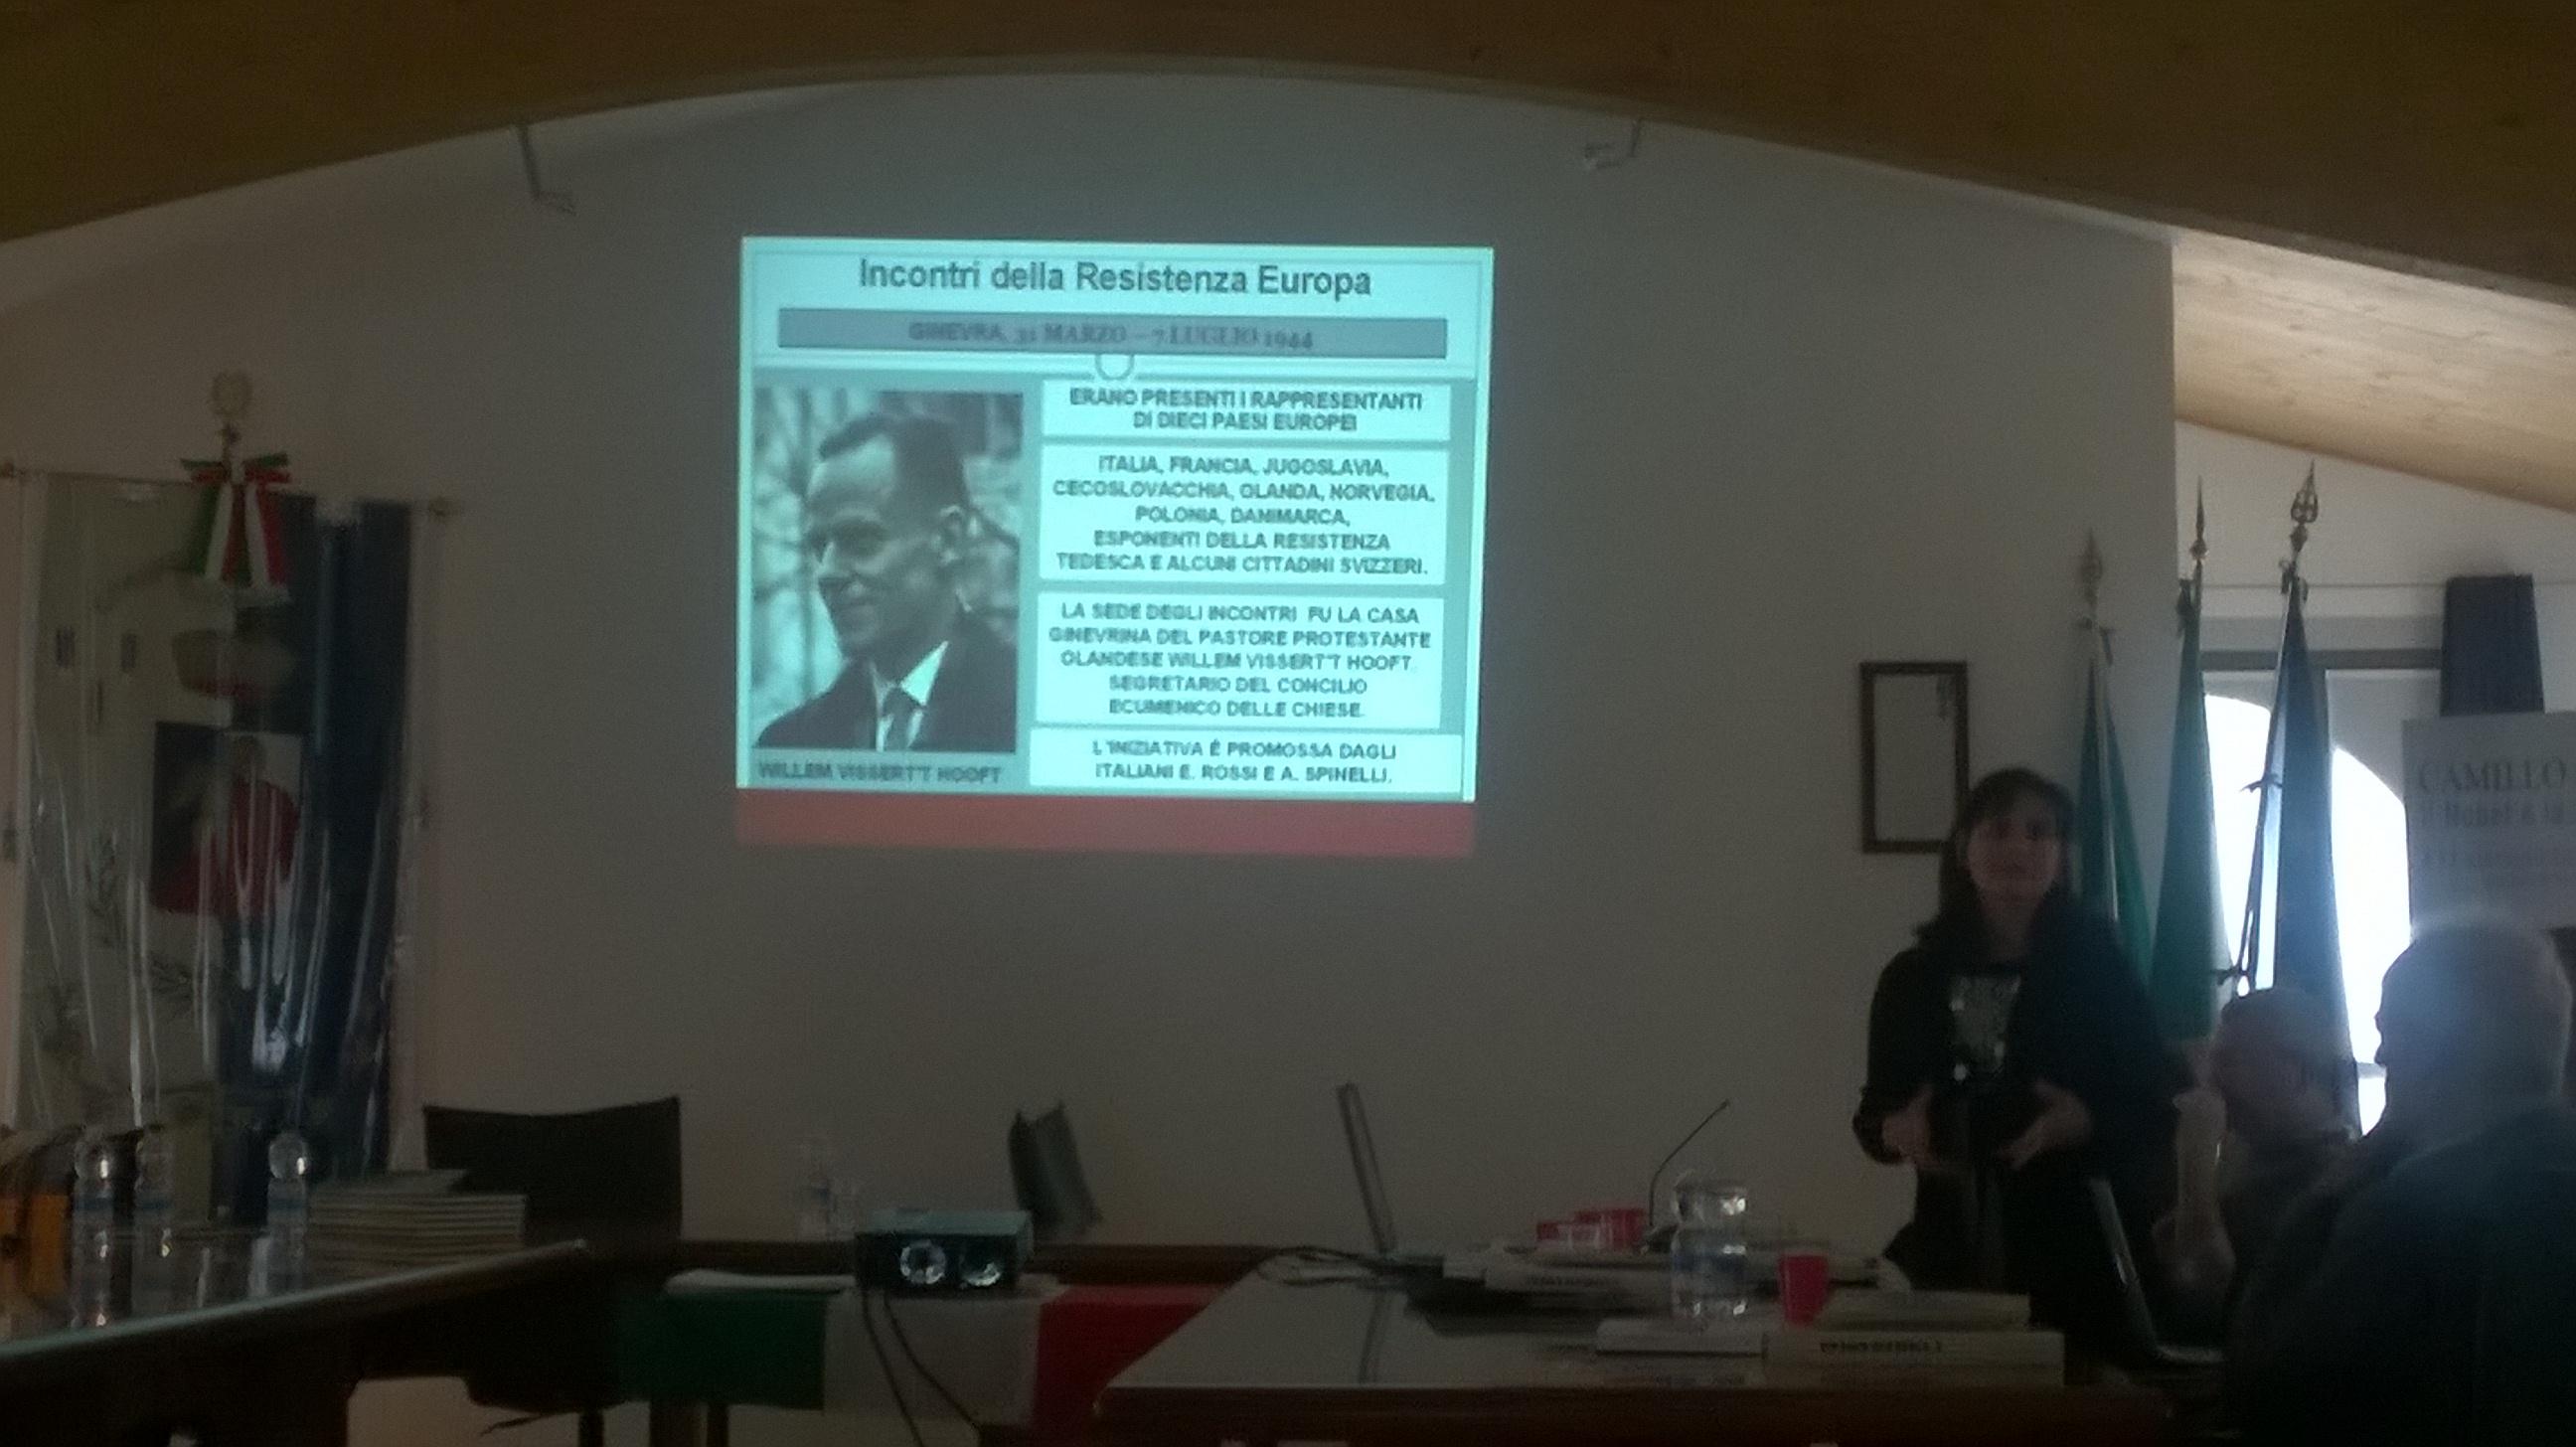 14_convegno Resistenza seme dell'Europa a Corteno Golgi